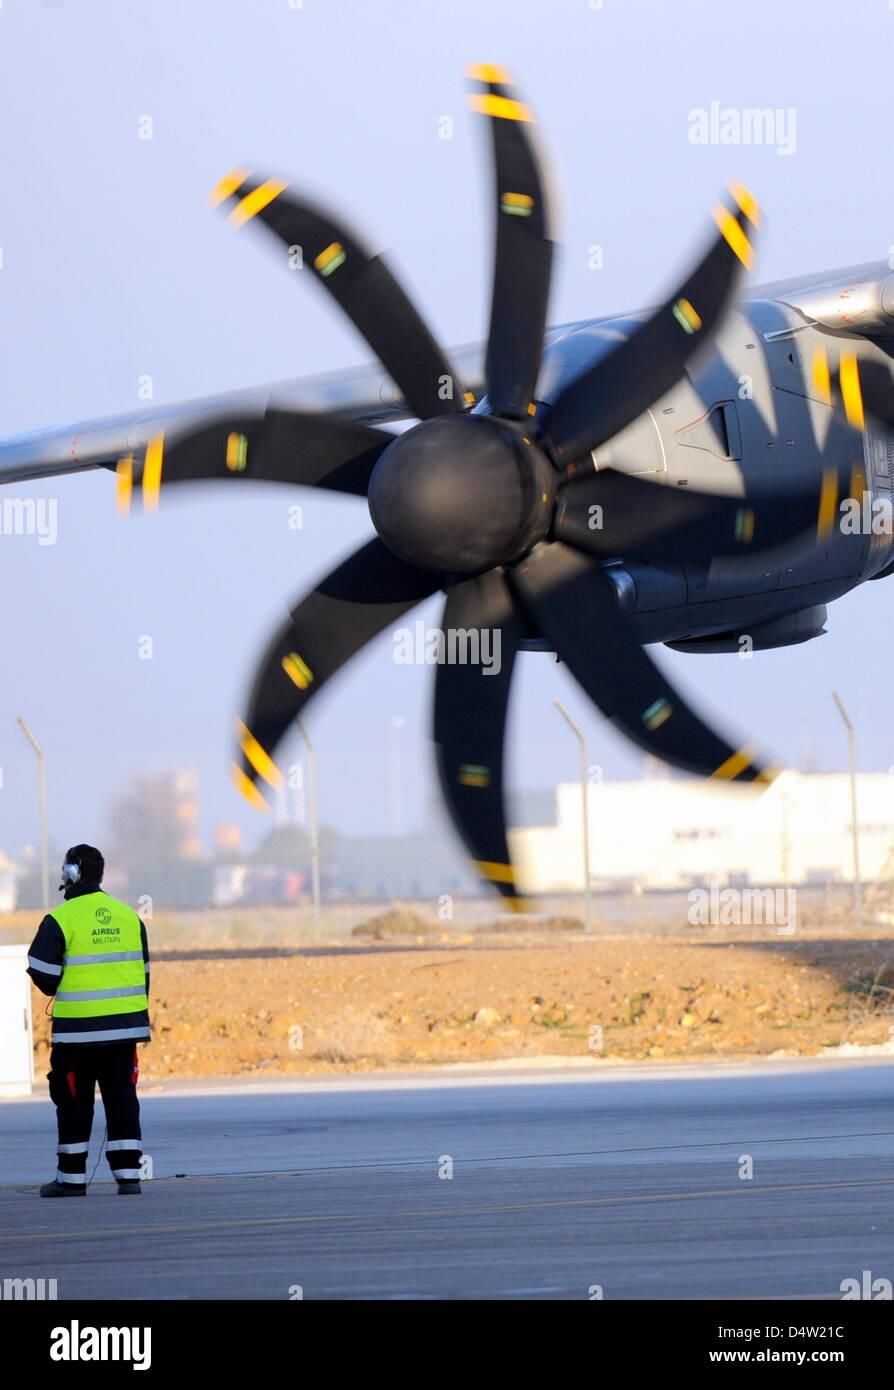 L'Airbus militaire A400M est prêt pour son premier vol à Séville, Espagne, 11 décembre 2009. Le quadrimoteur avion a décollé en face de 2500 réduite à dix heures dans la magnifique sunshine. Le premier vol était initialement prévue pour début 2008. Photo: MAURIZIO GAMBARINI Banque D'Images